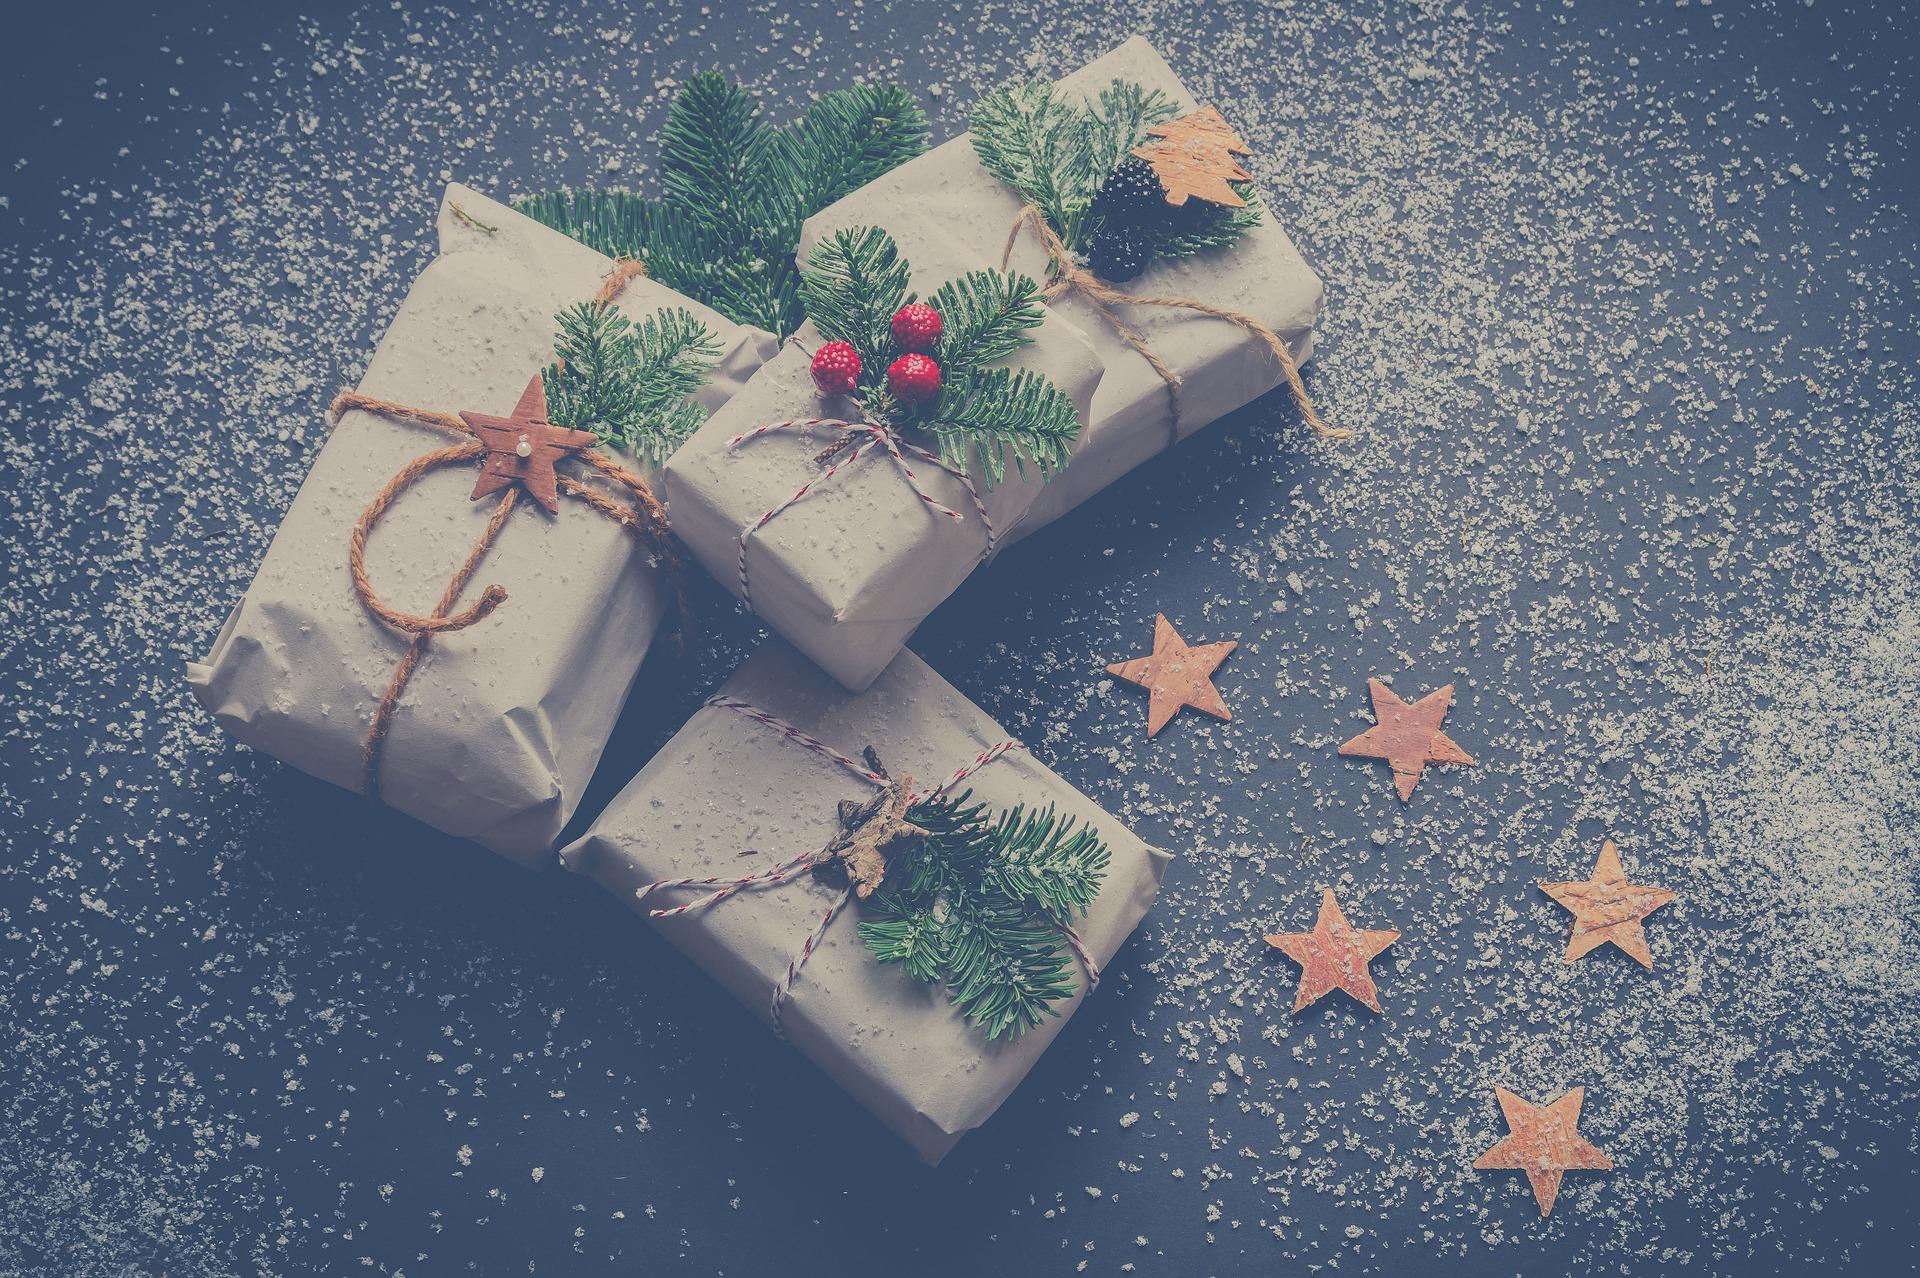 24. luukku: Ihanaa Joulua kaikille!